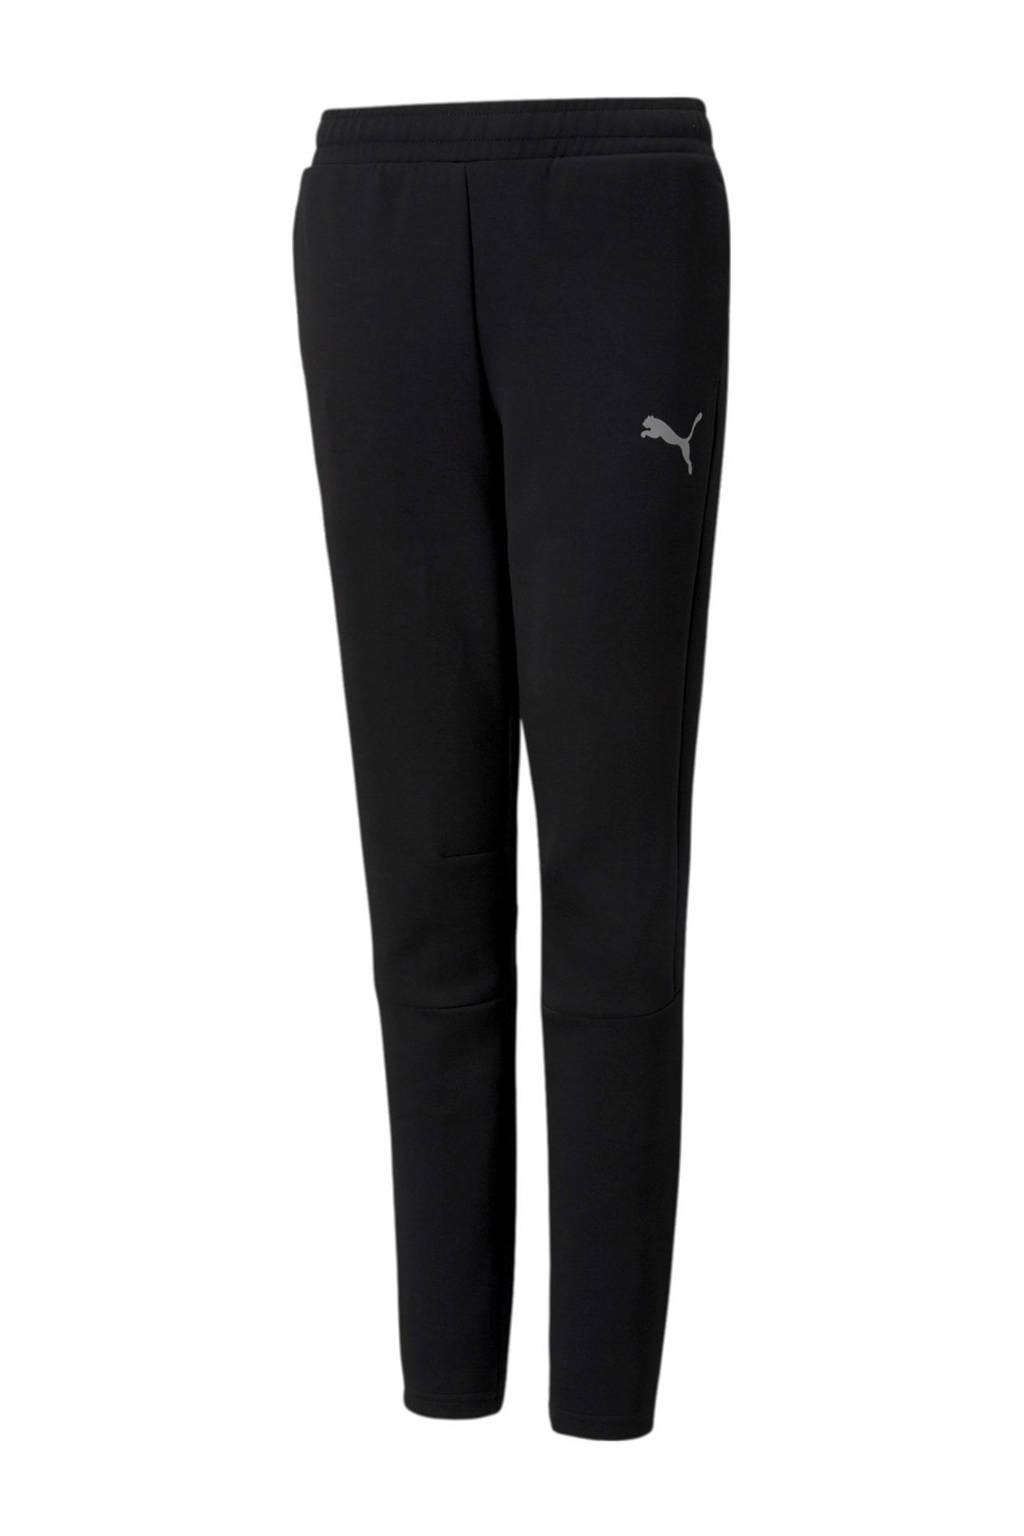 Puma regular fit joggingbroek met logo zwart, Zwart